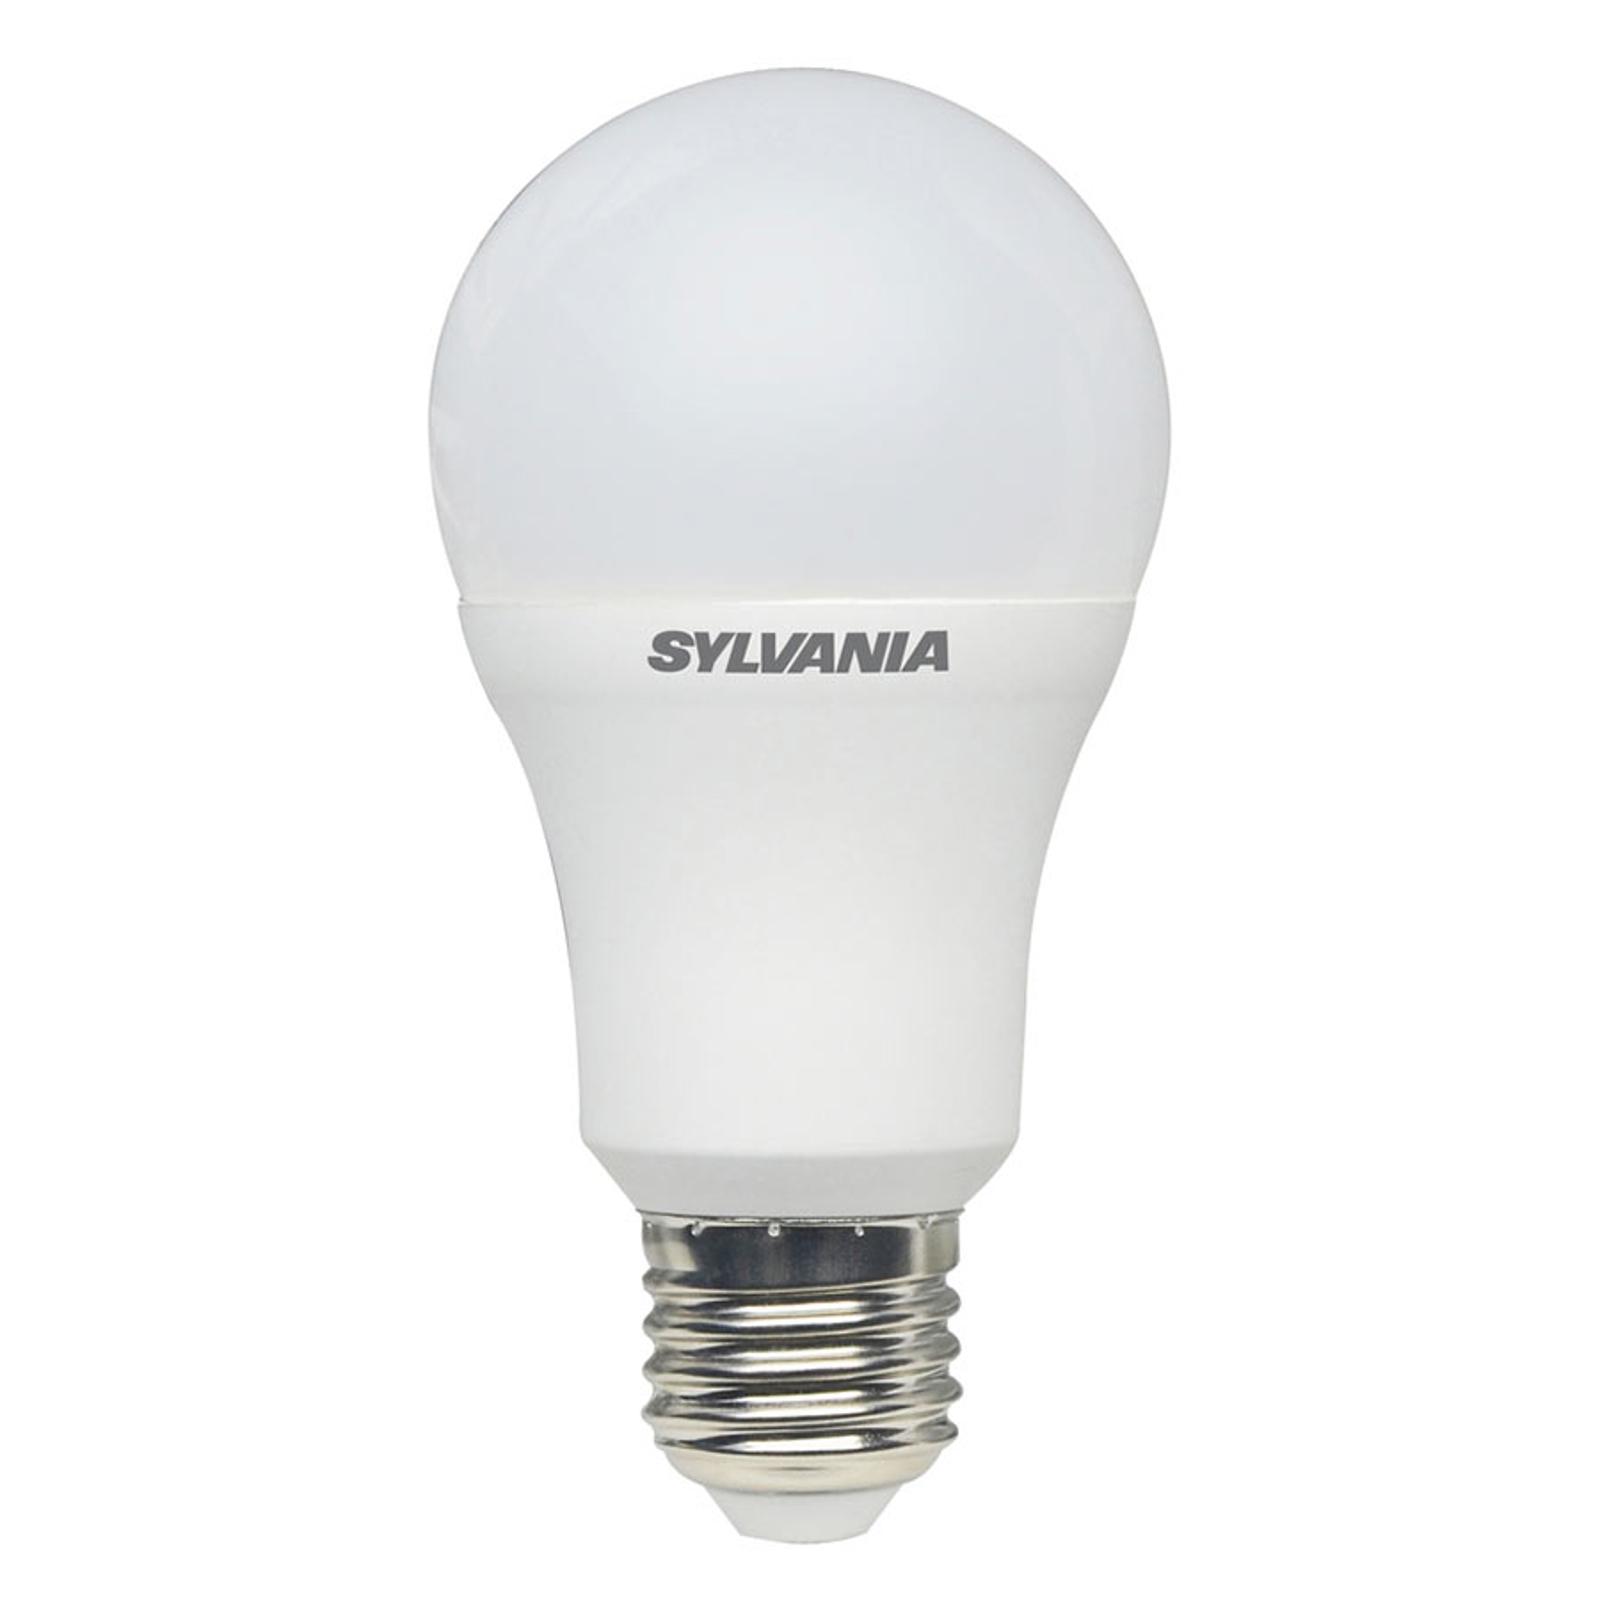 LED E27 ToLED A60 15W bianco caldo, dimming